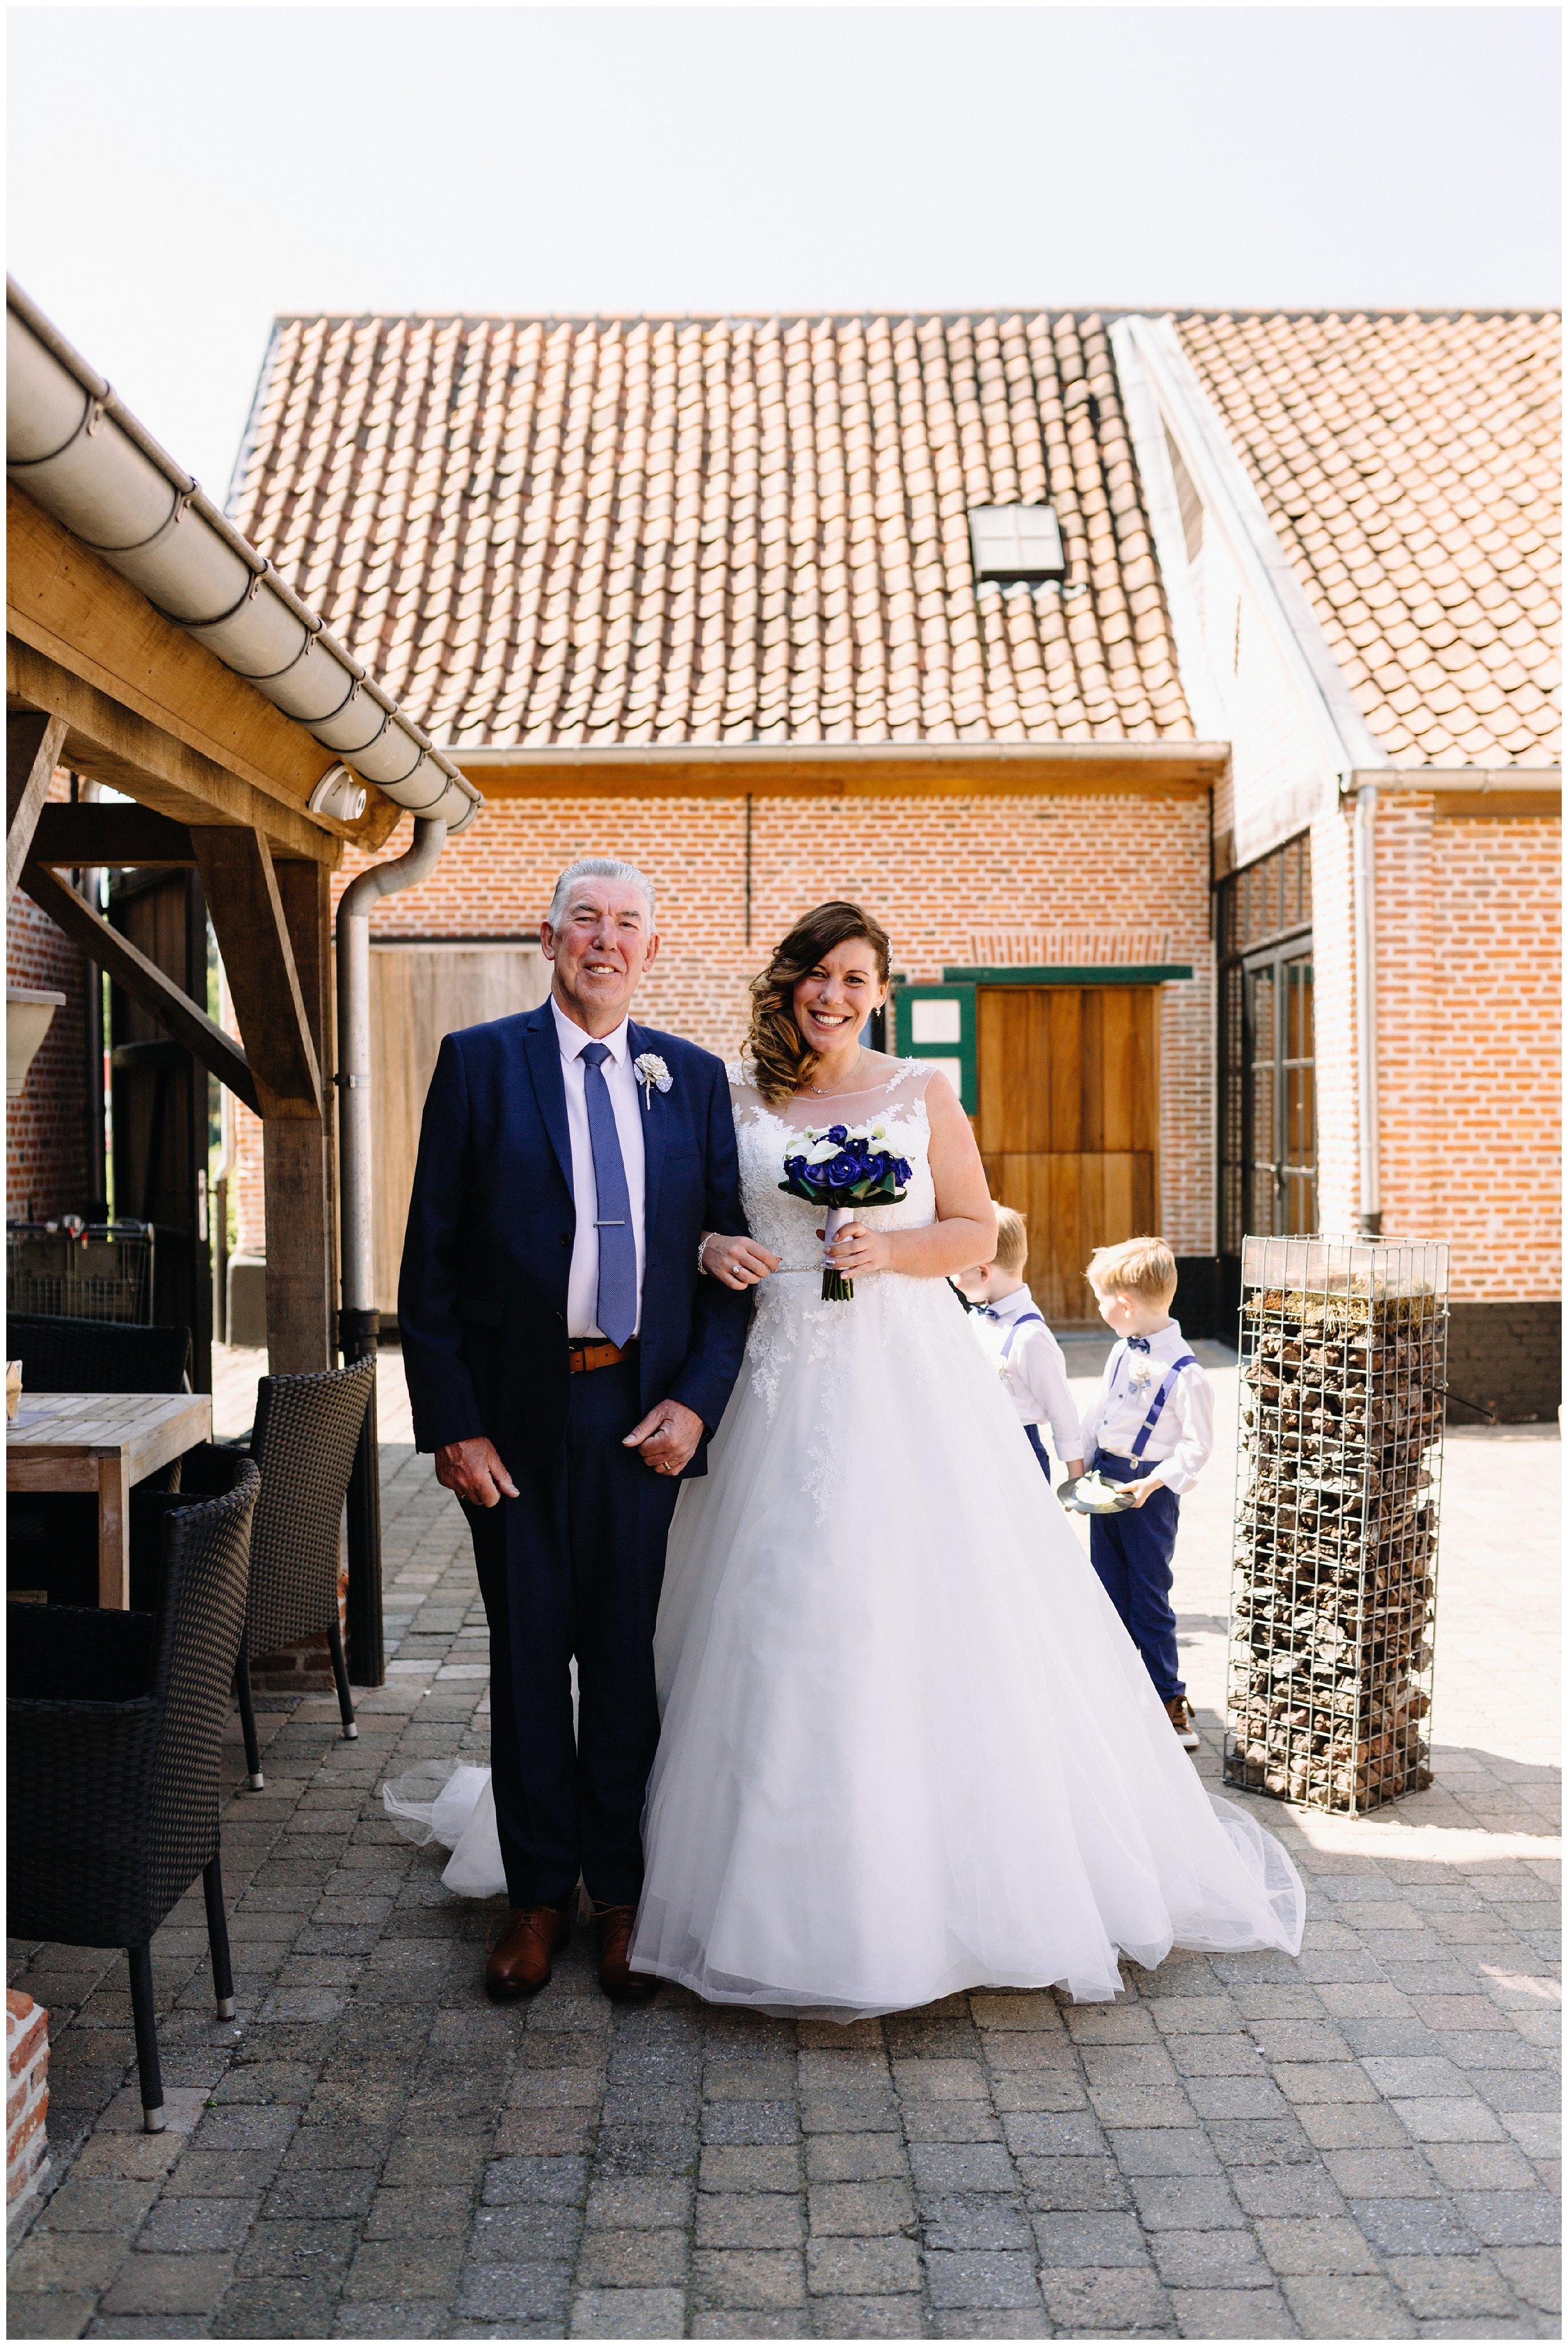 huwelijk-emma-rik-herentals-prinsenhof-herenthout-internationaal_0018.jpg